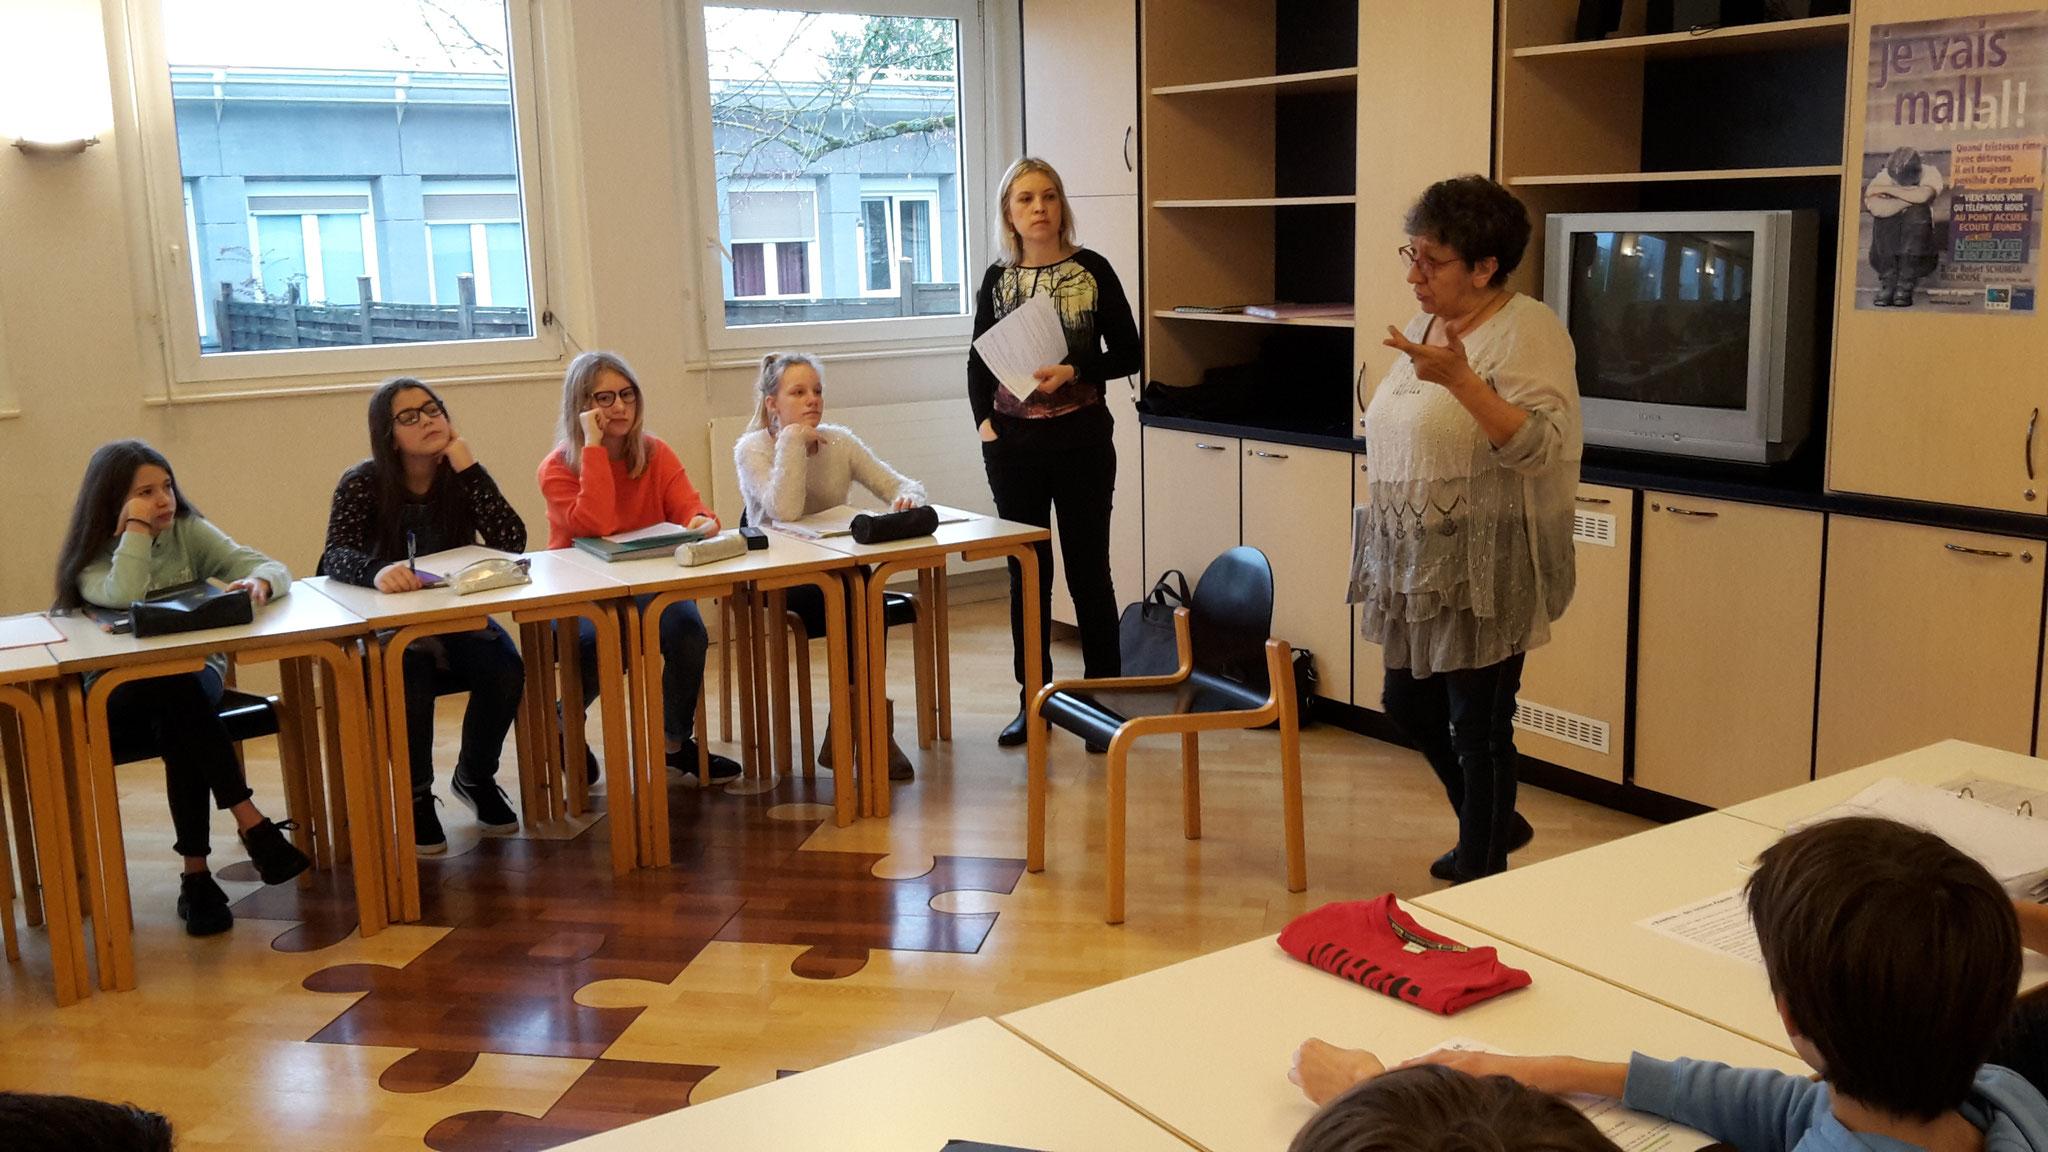 Intervention collège riedisheim préparation show littéraire